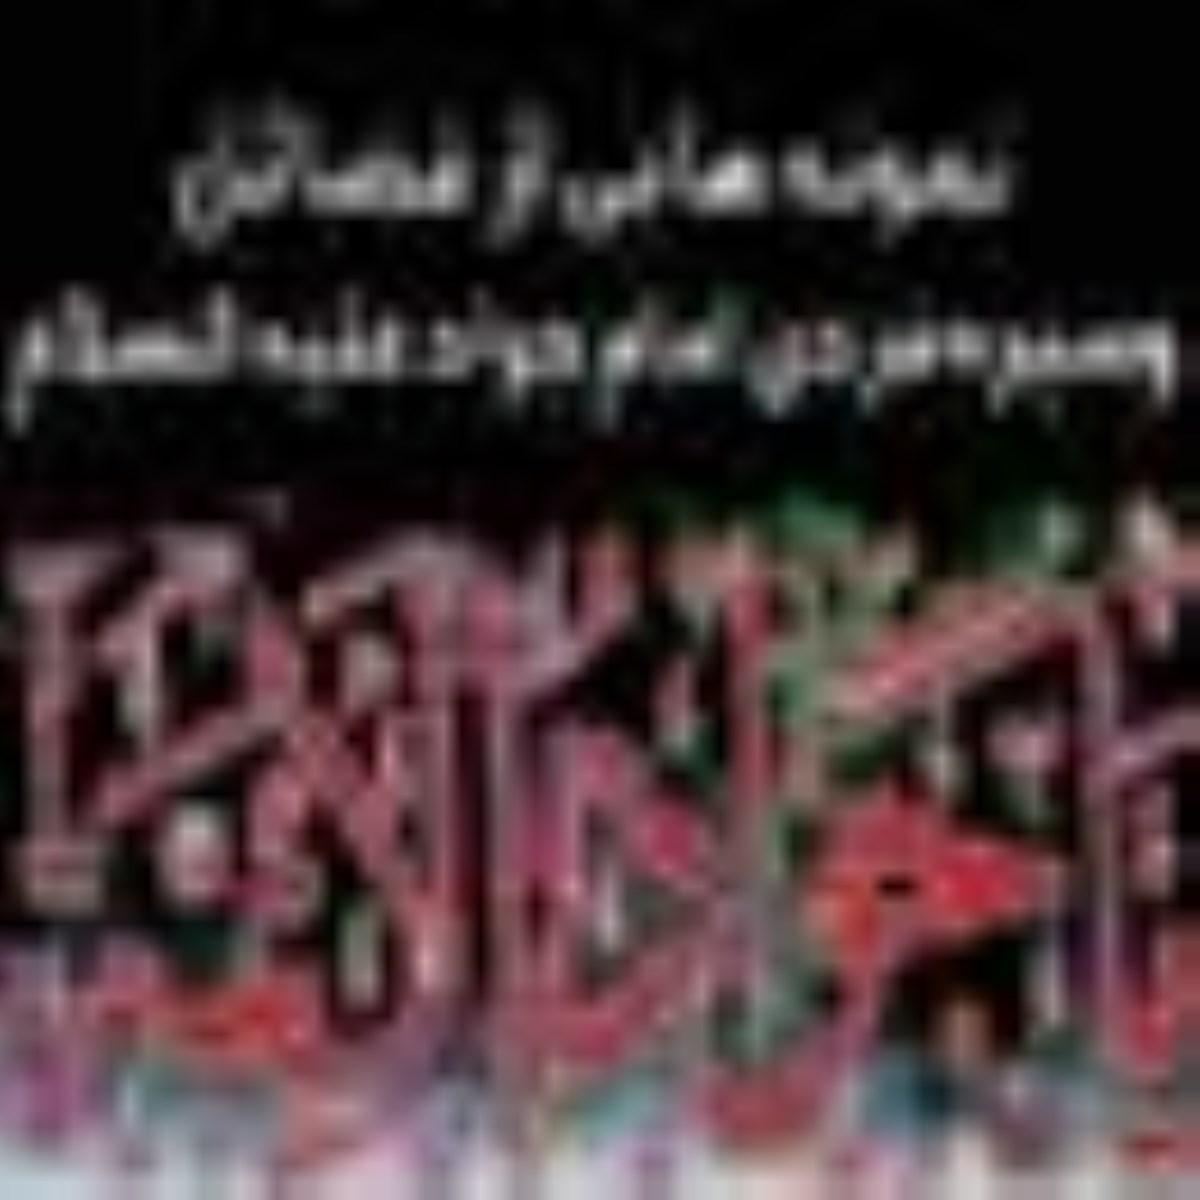 نمونه هايى از فضايل و سيره فردى امام محمد بن على الجواد(علیه السلام)